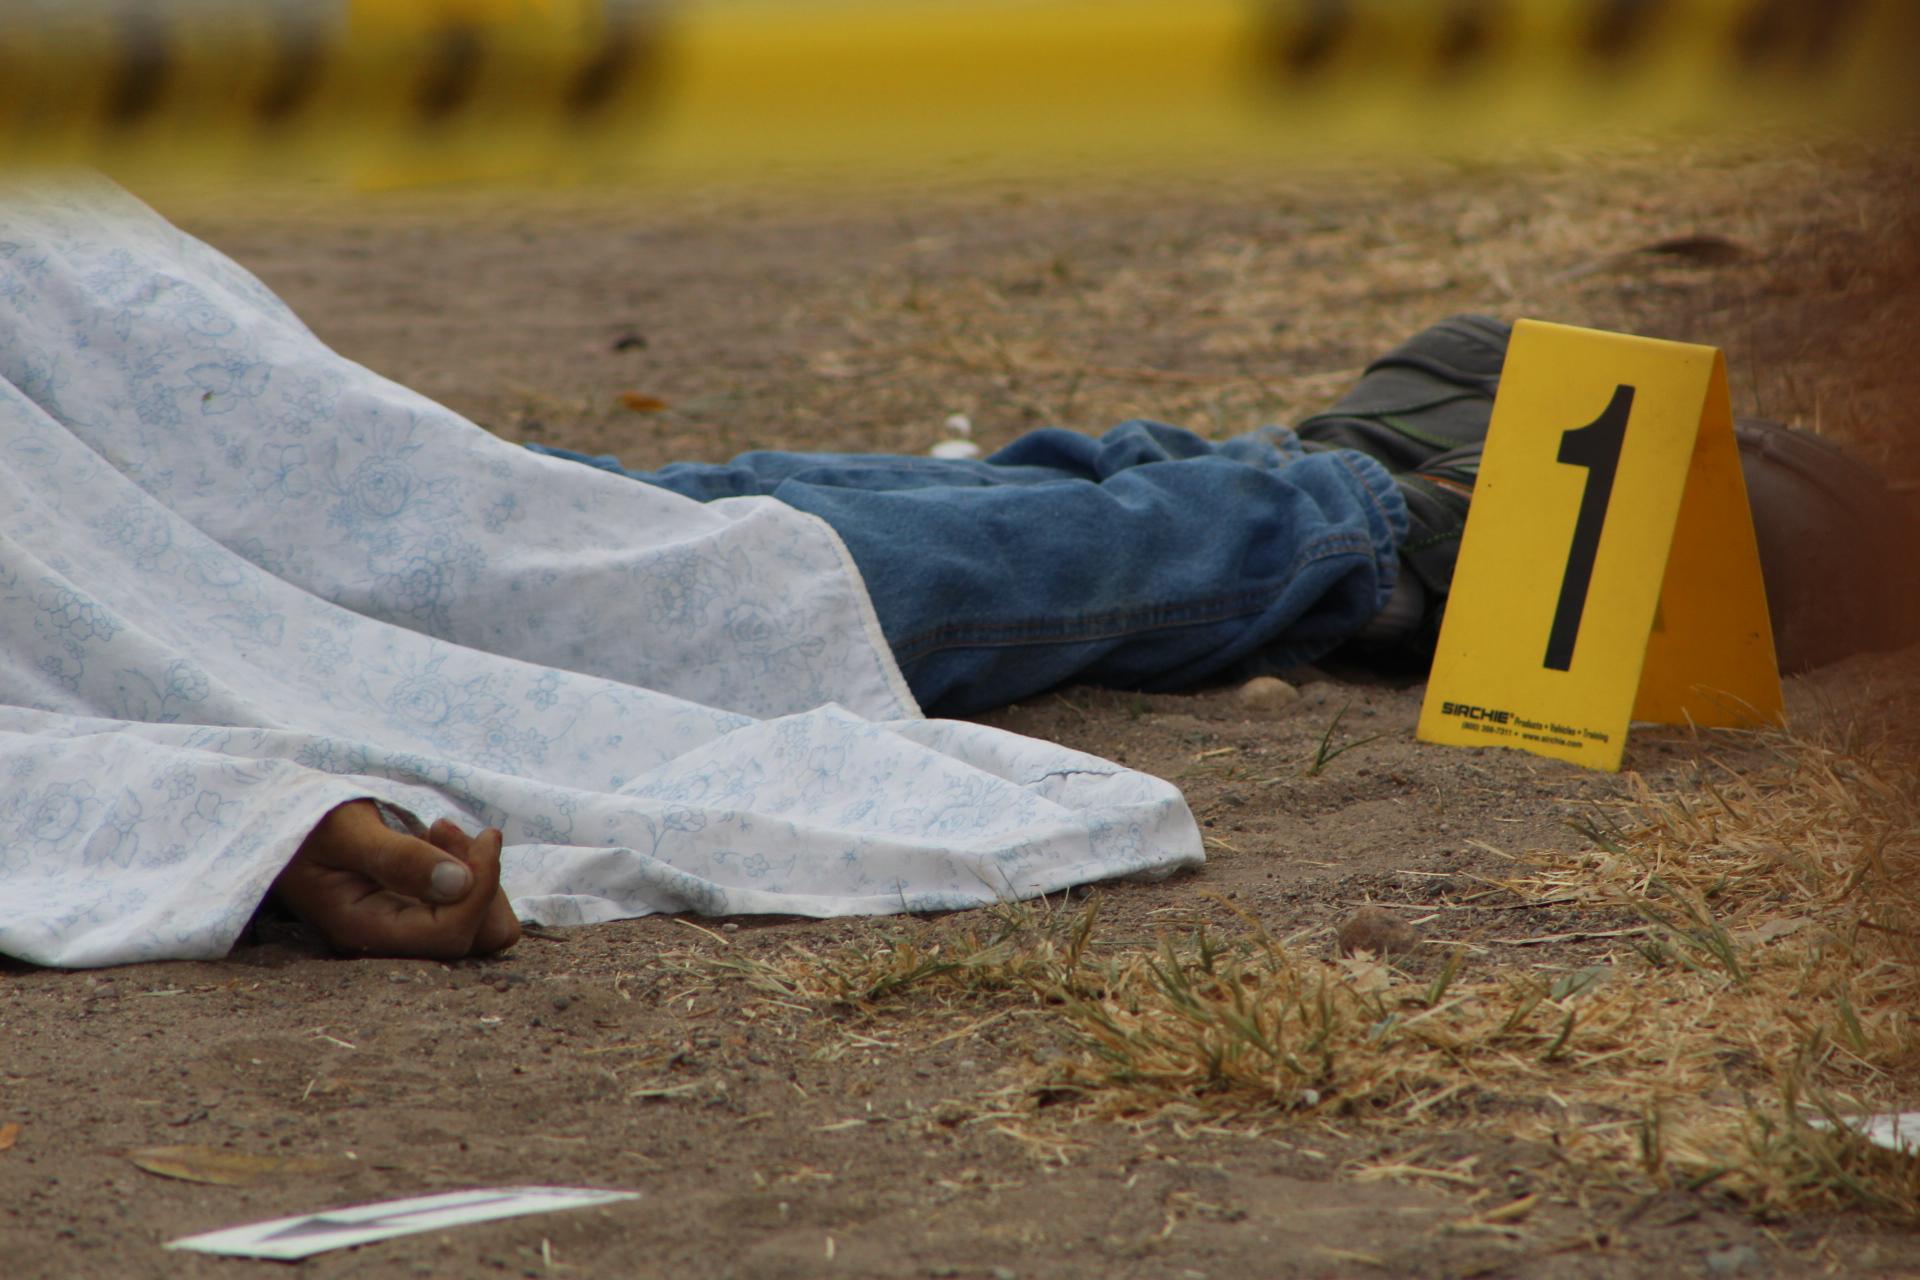 Resultado de imagen para homicidio